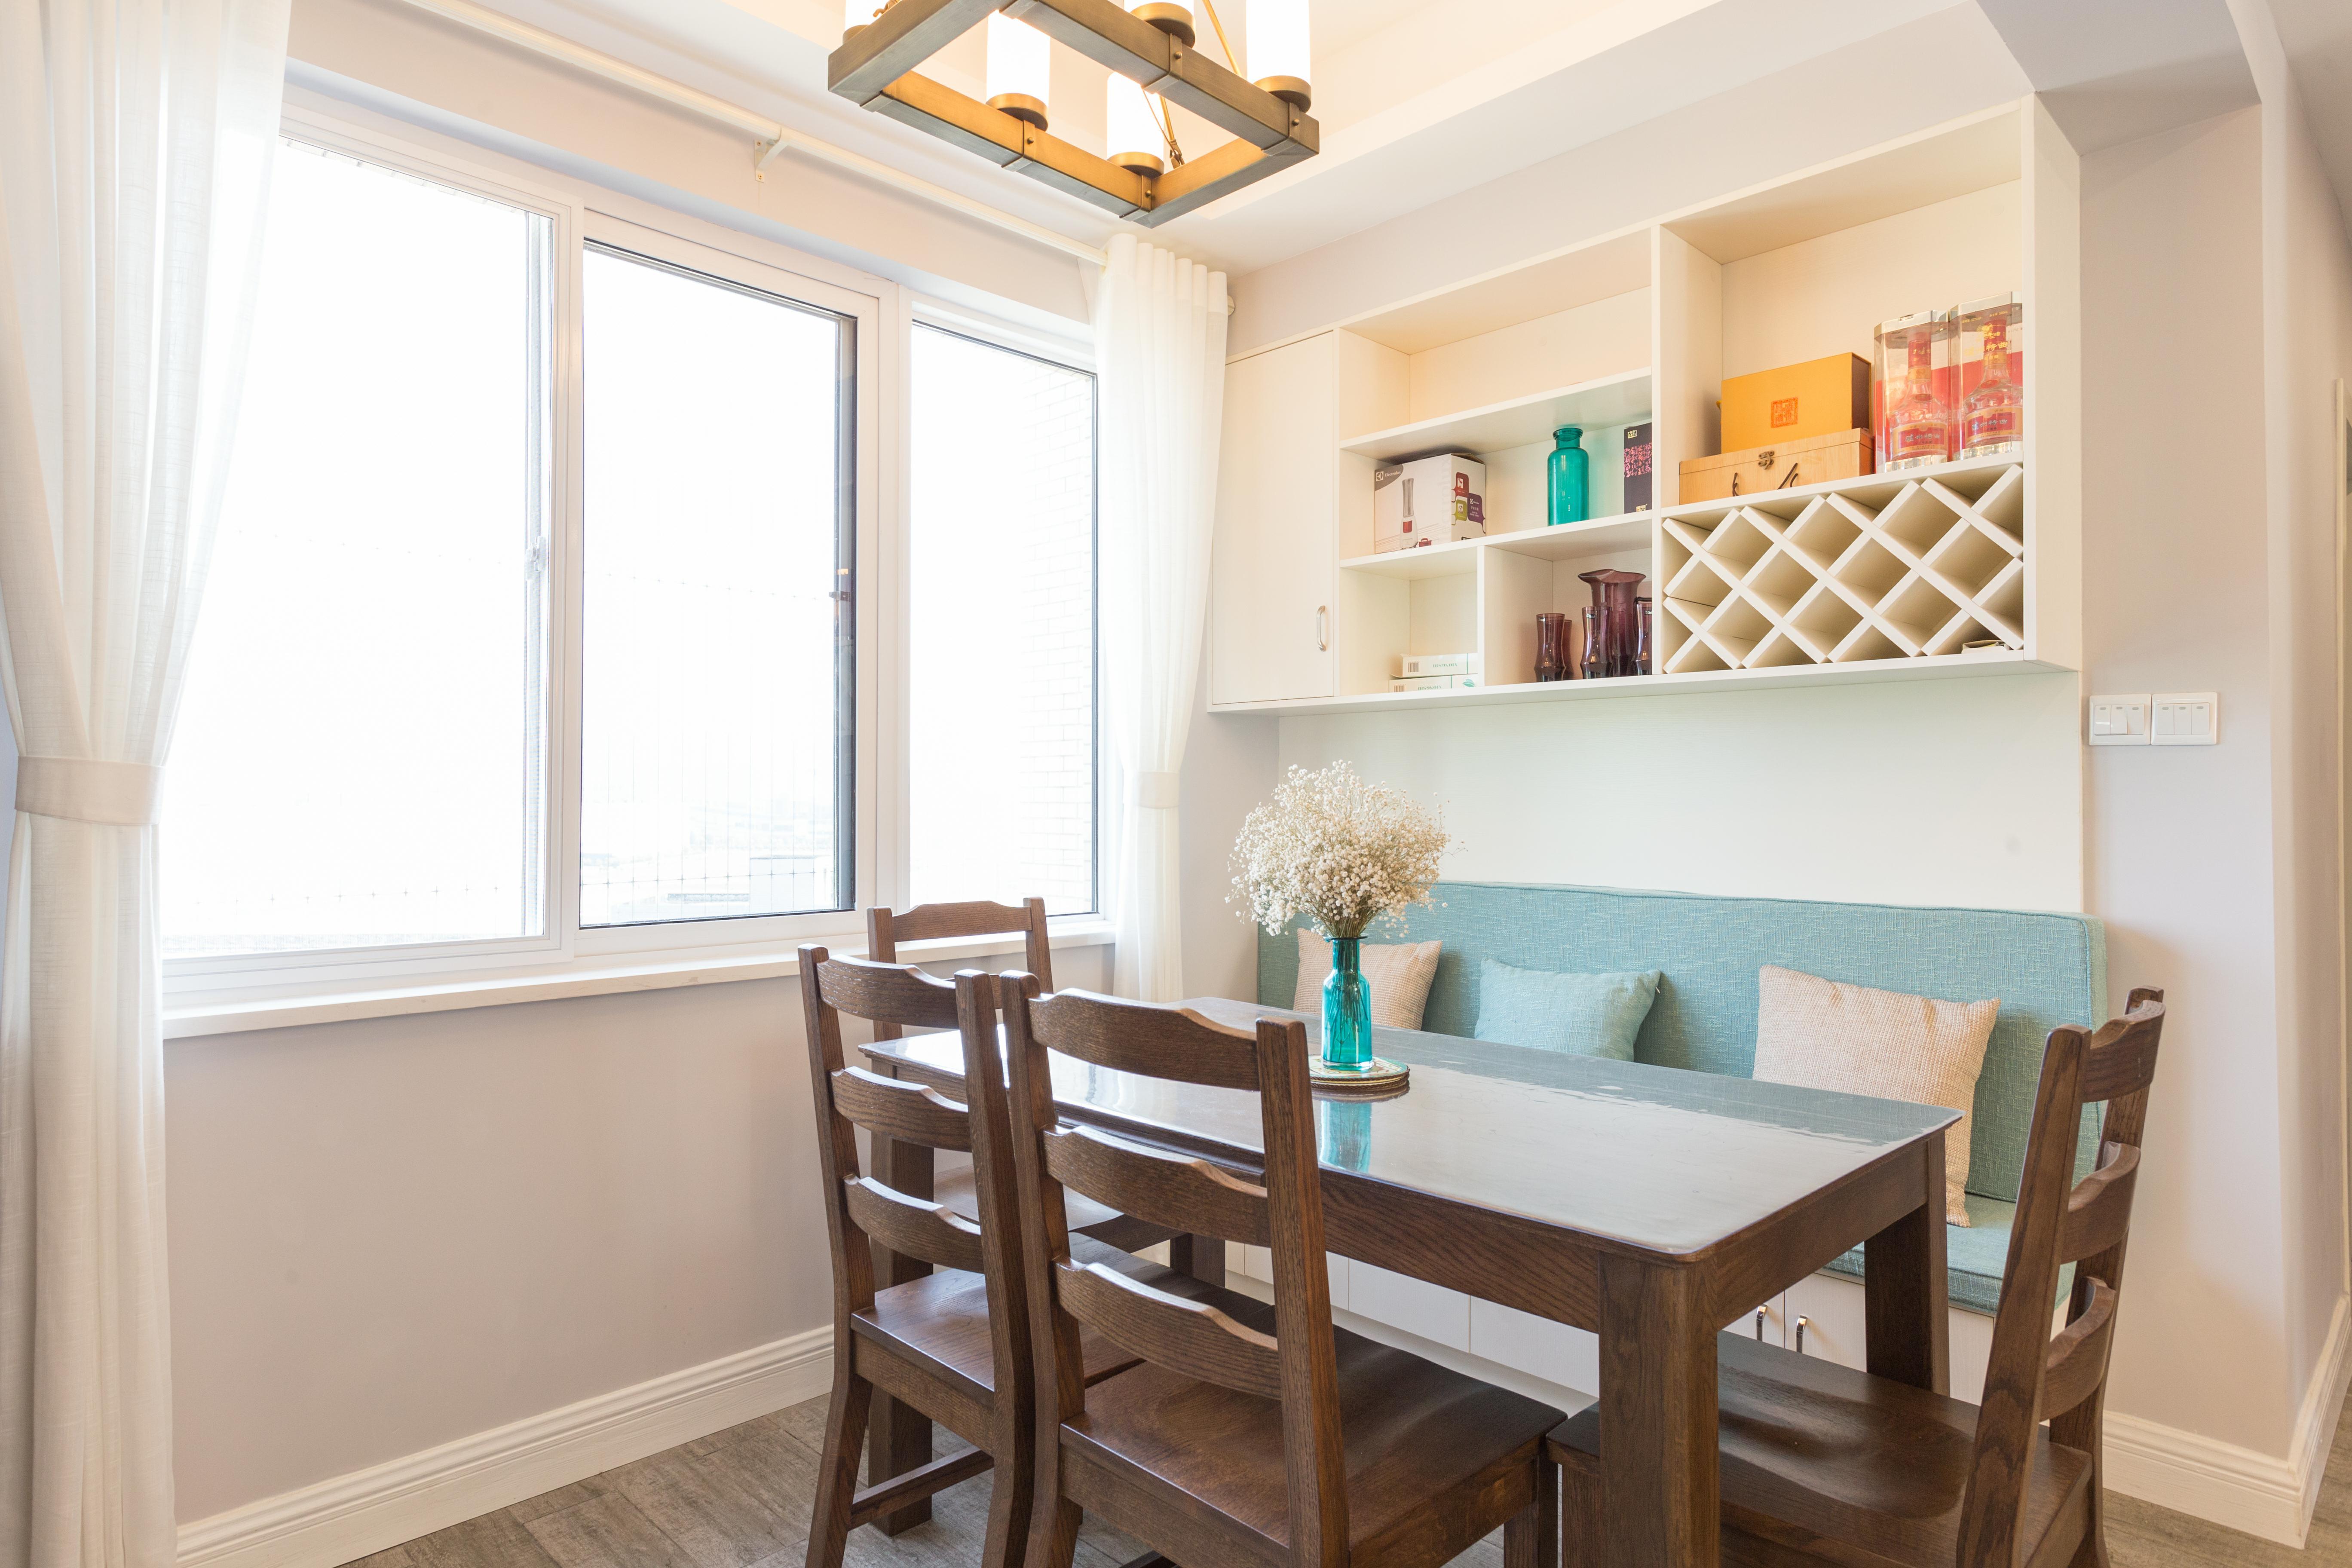 简约 三居 客厅 厨房 餐厅图片来自用户20000004124591在躲避繁杂而又喧闹的最佳地方的分享